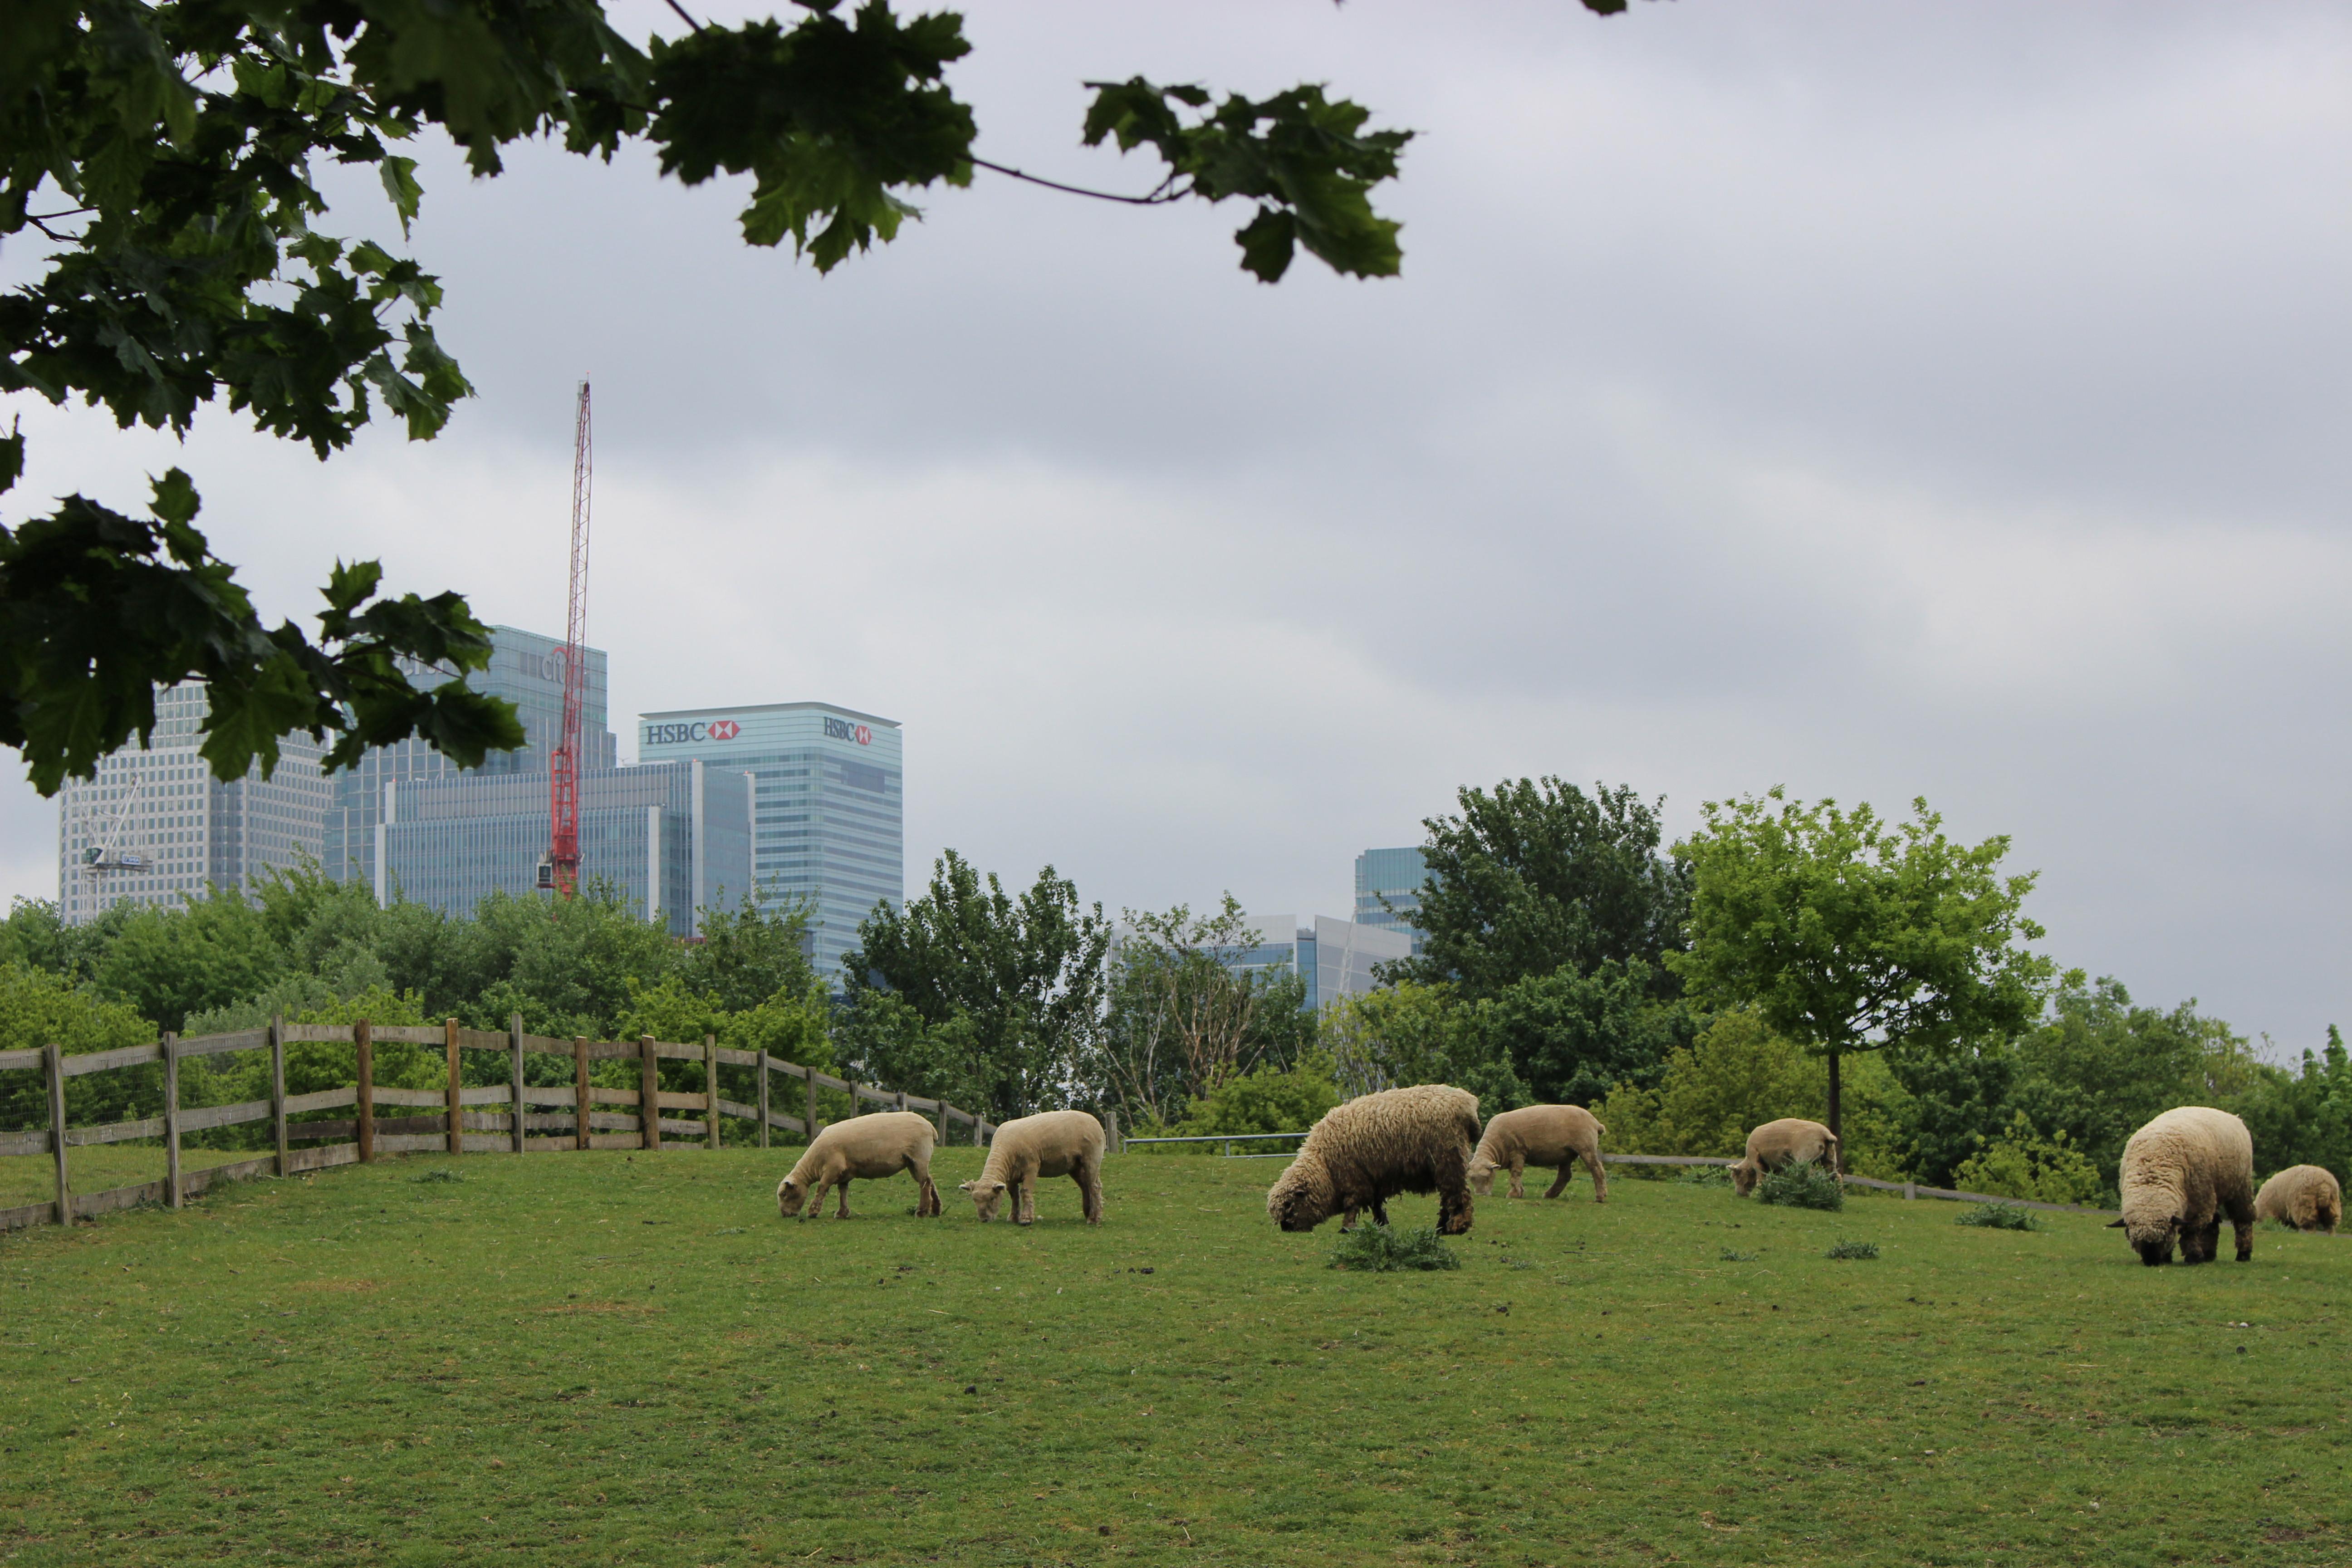 Londres Mudchute Park